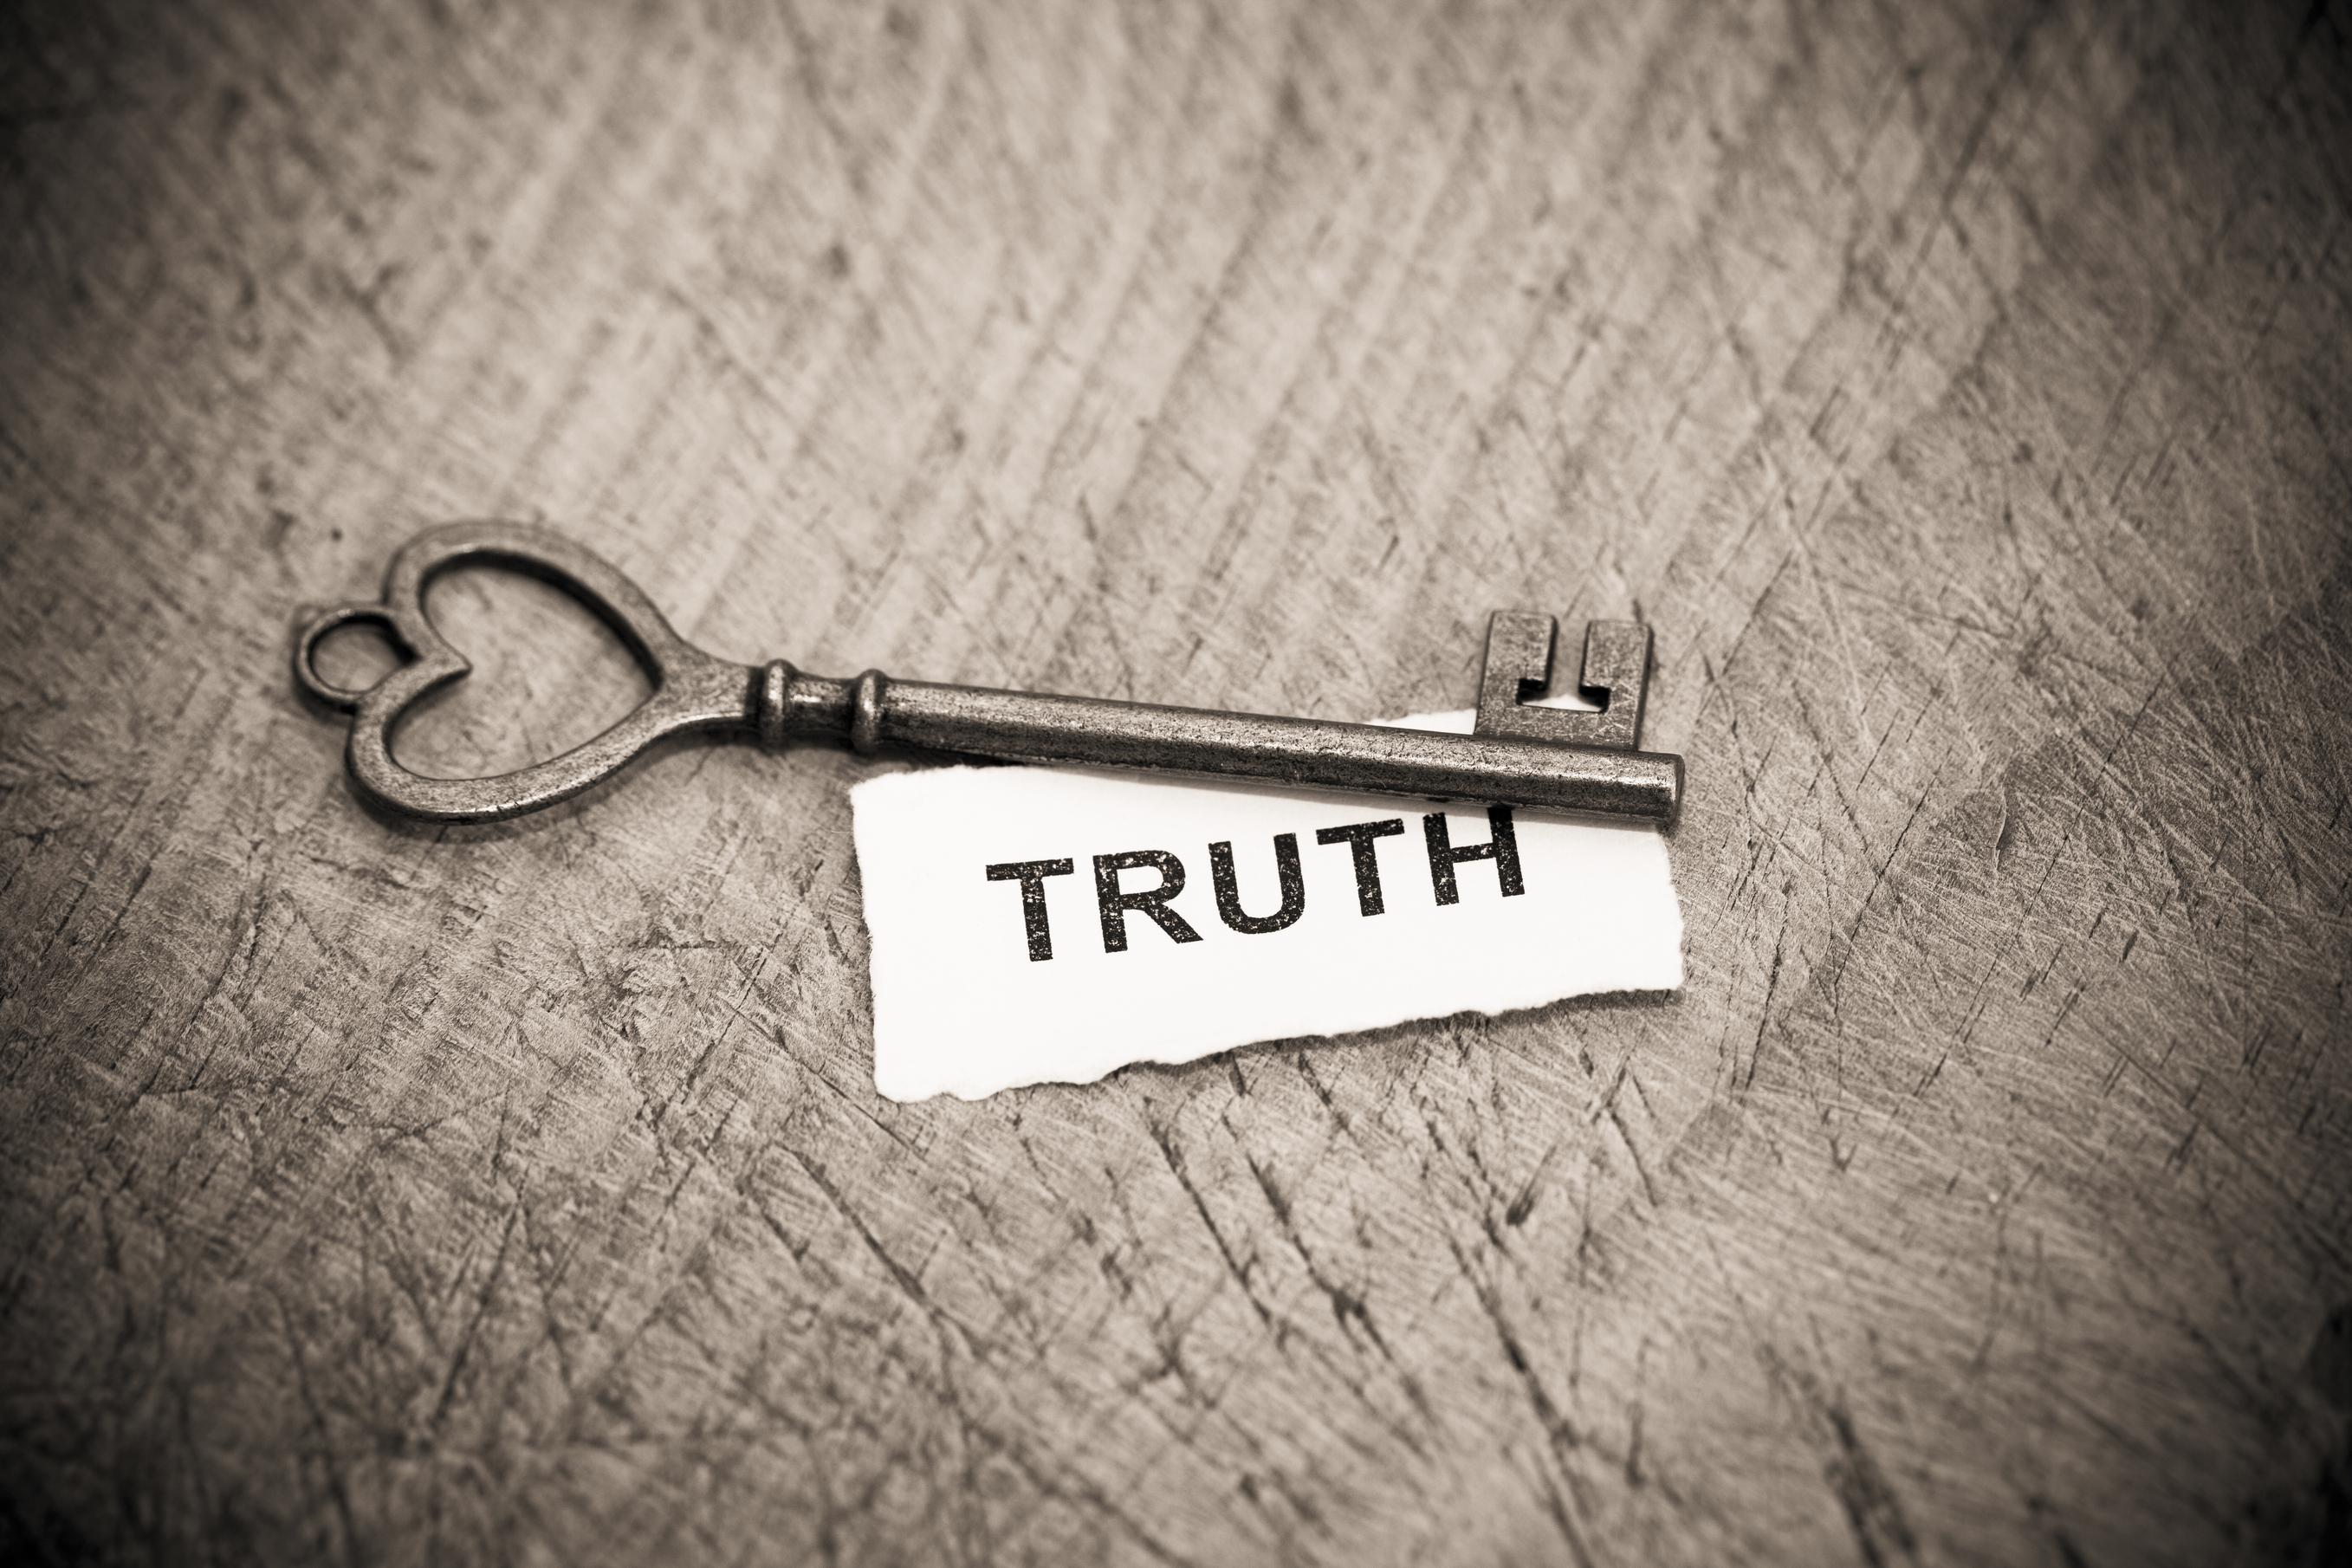 truth-key